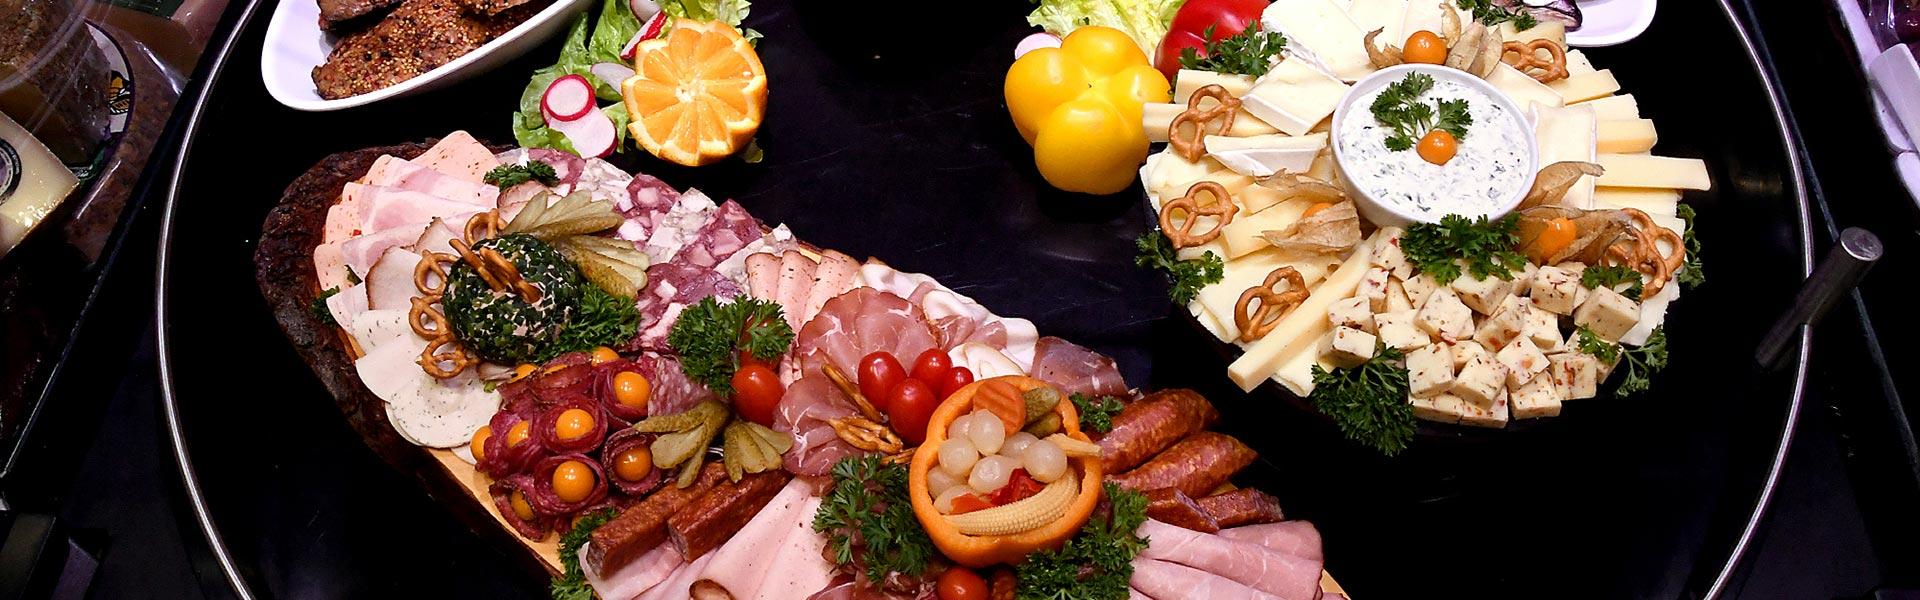 Wurst- und Käseplatten von EDEKA Odenbach